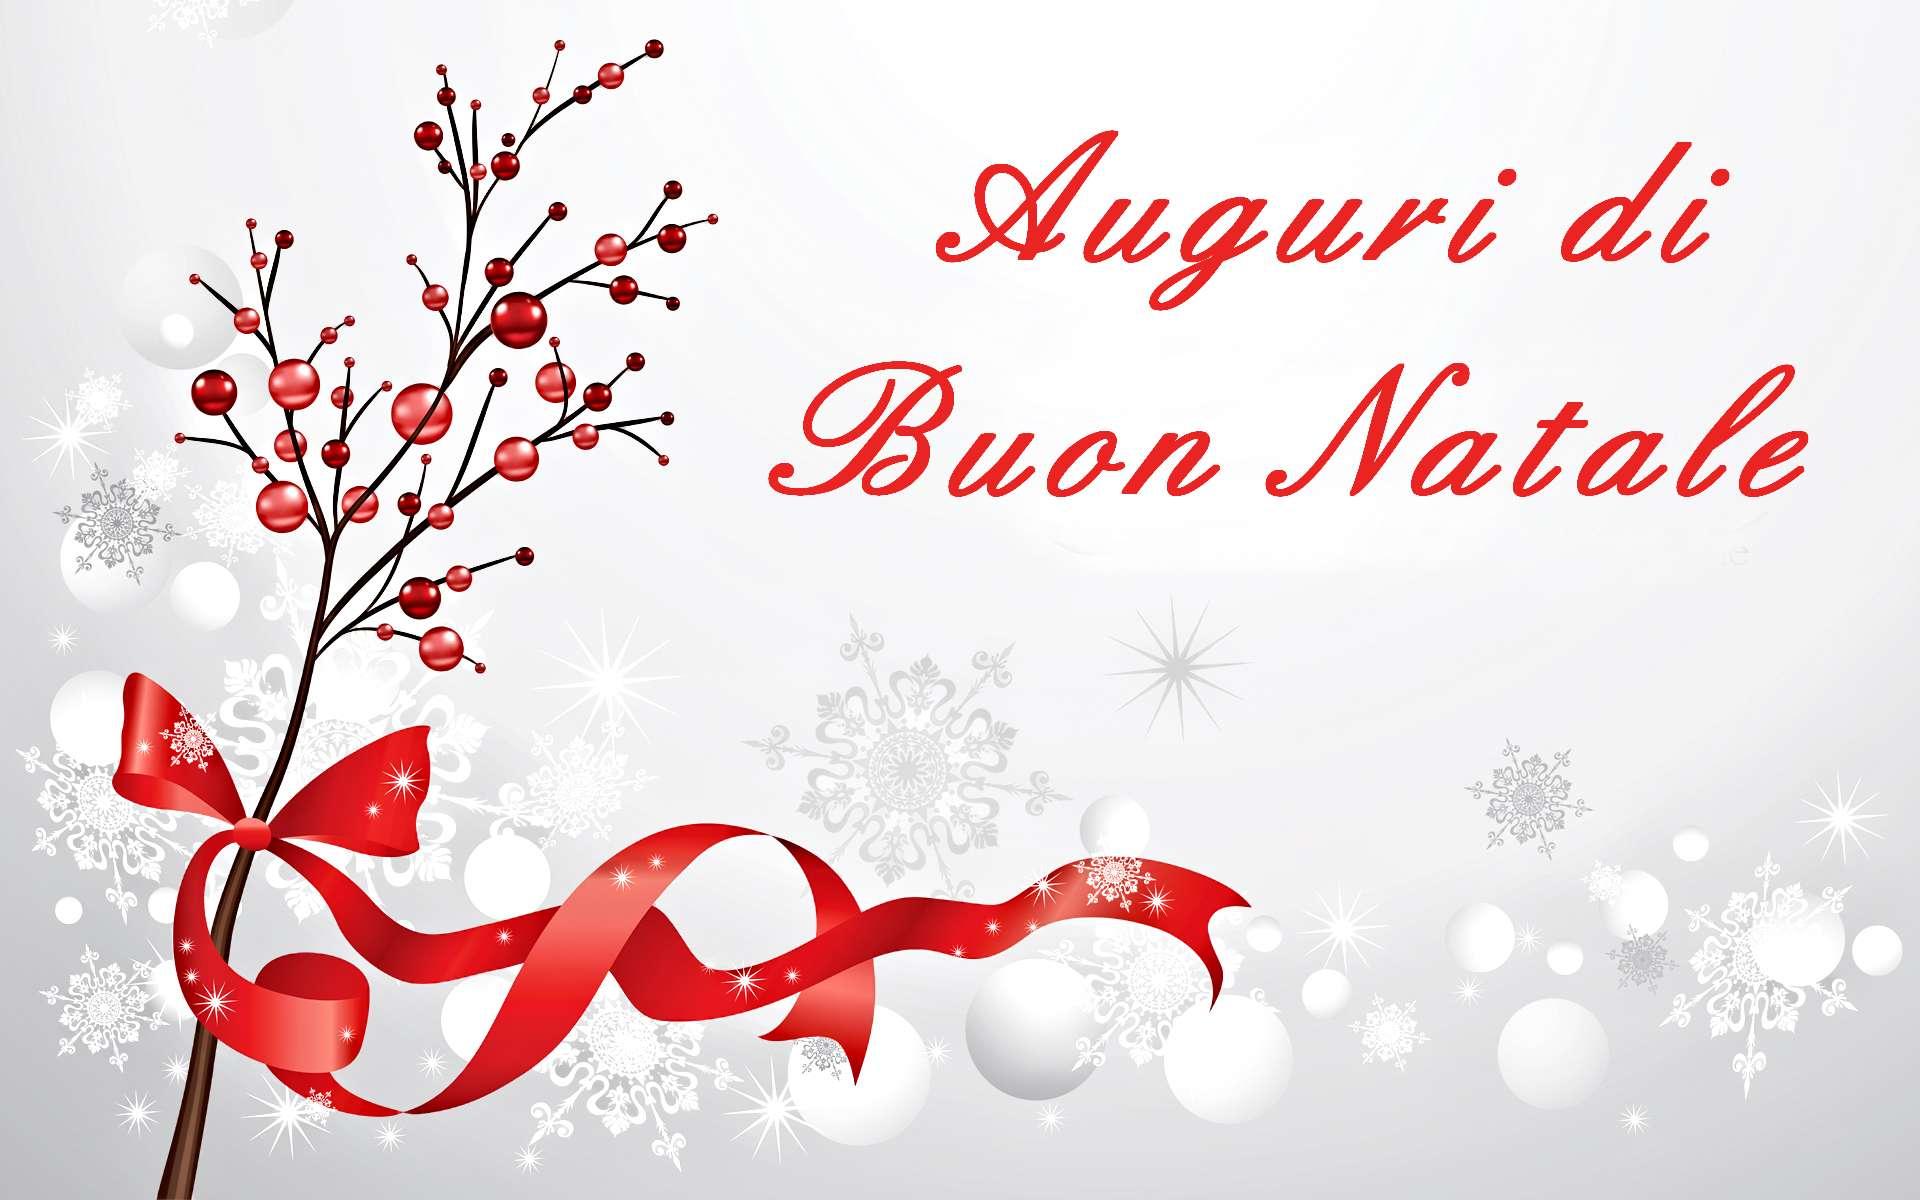 Immagini Con Scritte Di Buon Natale.Auguri Di Buone Feste E Buon Natale Ecco Le Frasi Da